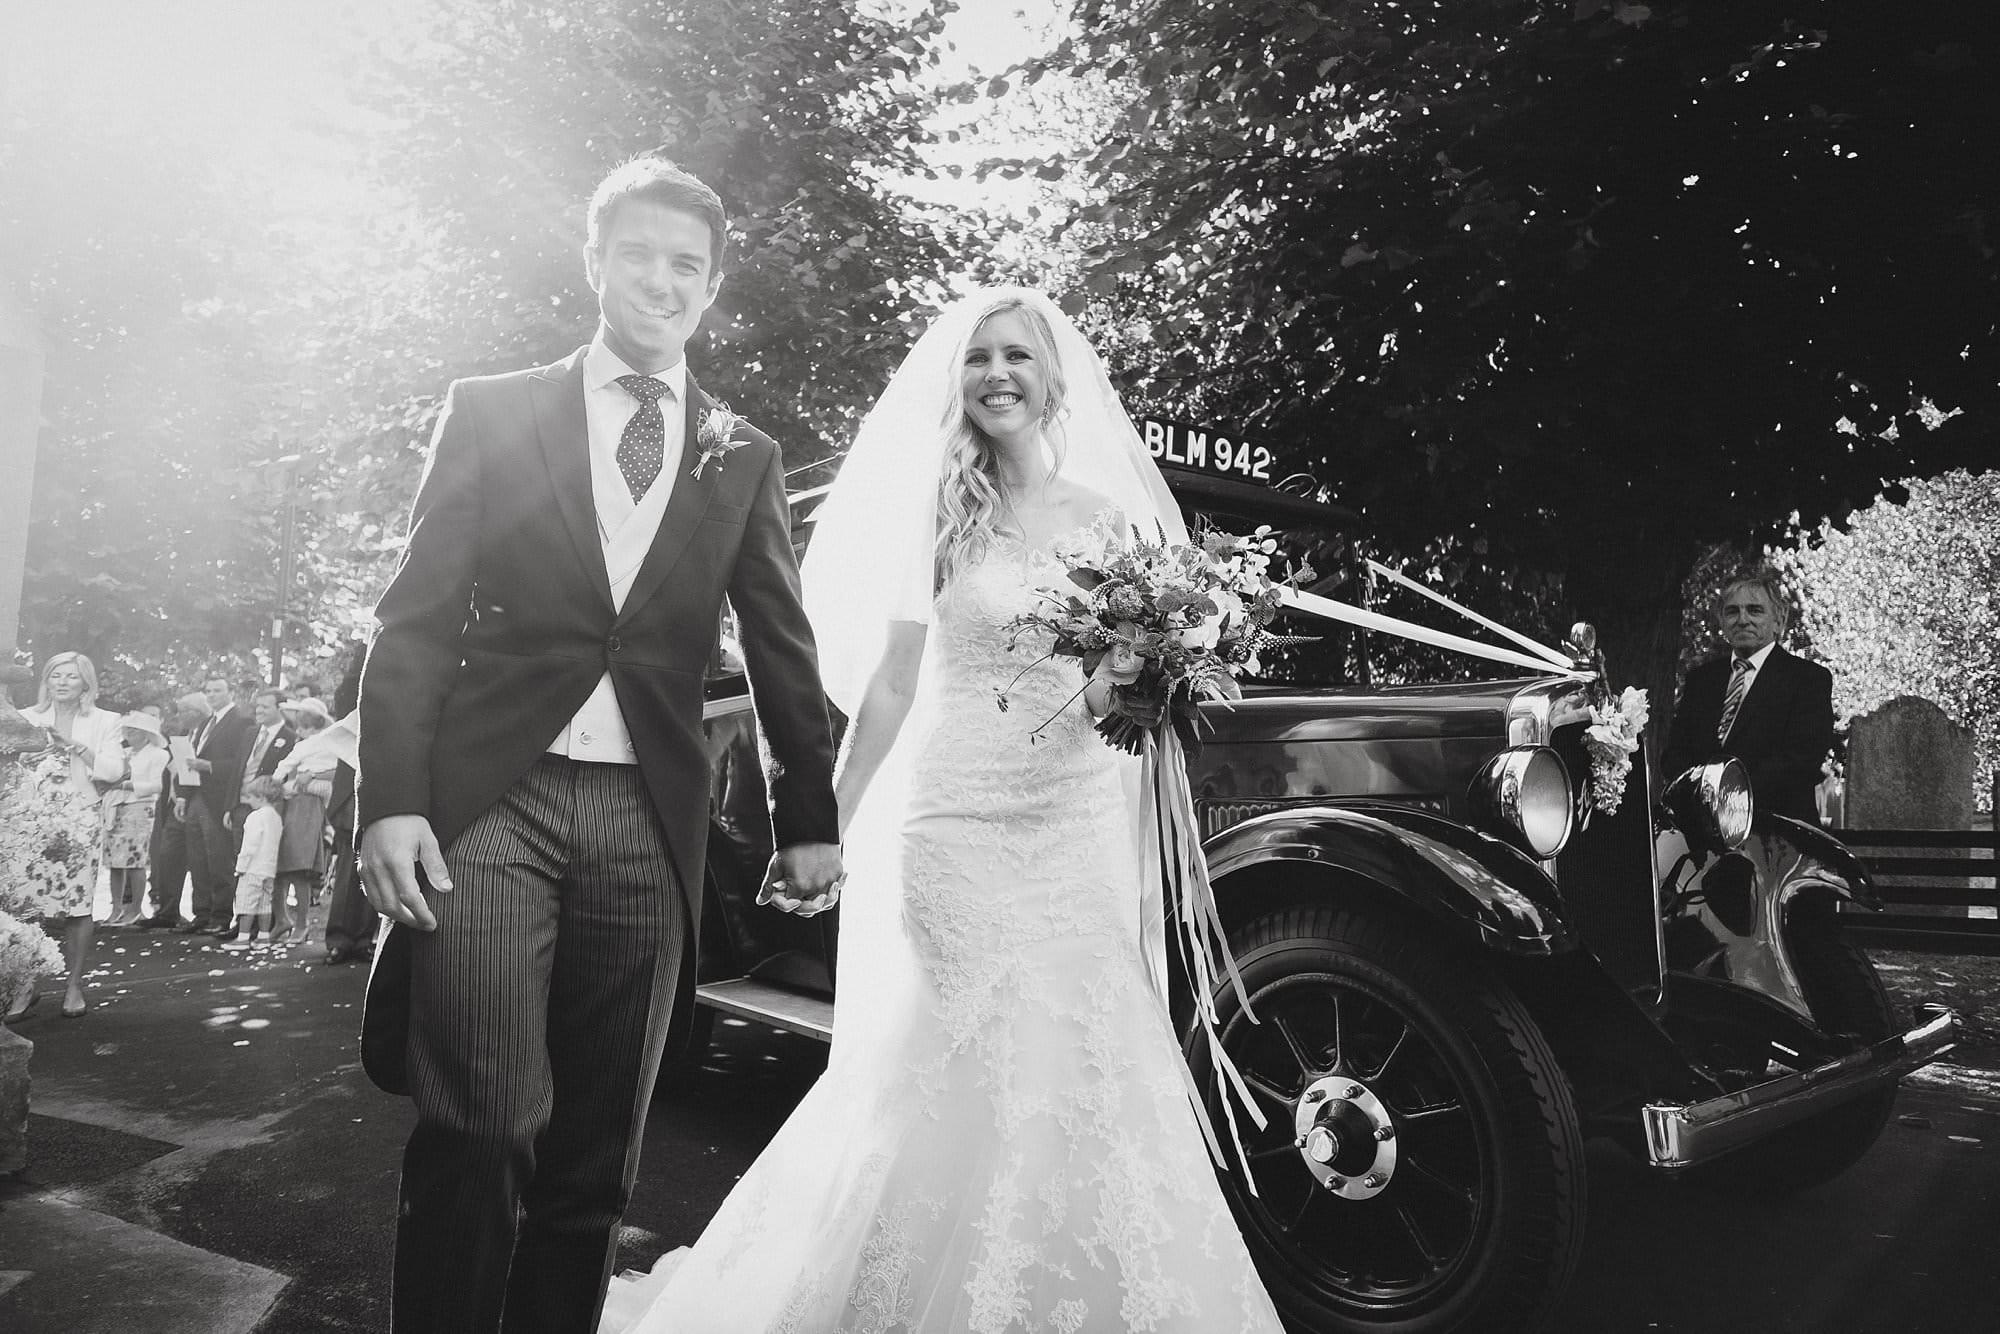 fulham palace wedding photographer 041 - Rosanna & Duncan's Fulham Palace Wedding